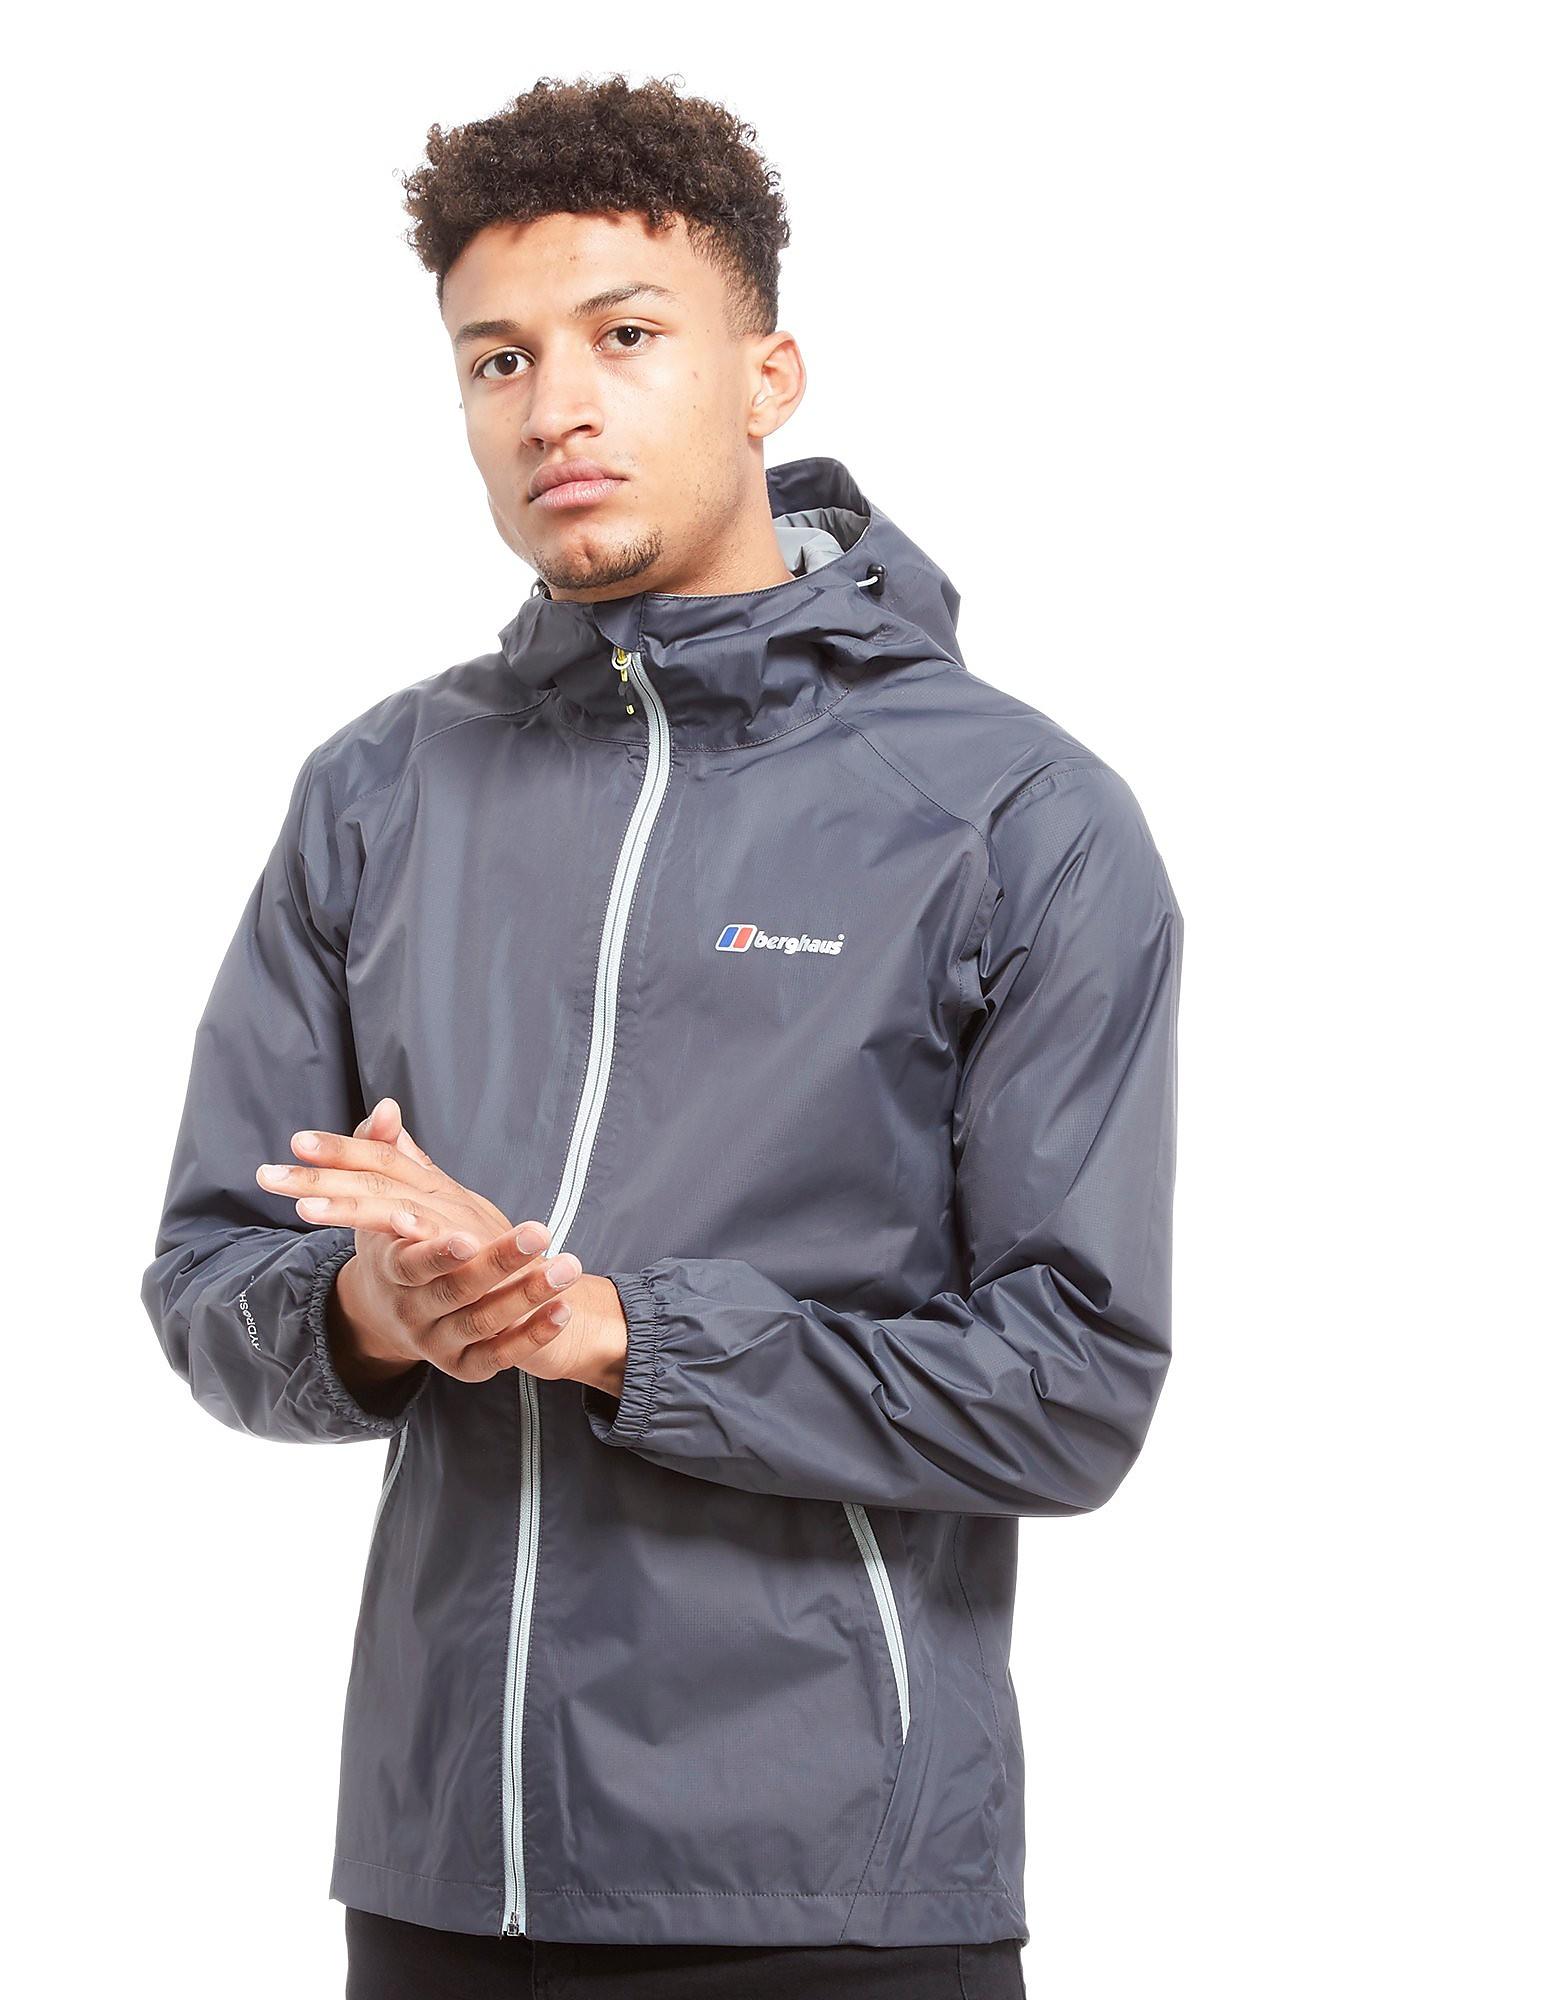 Berghaus Deluge Waterproof Jacket